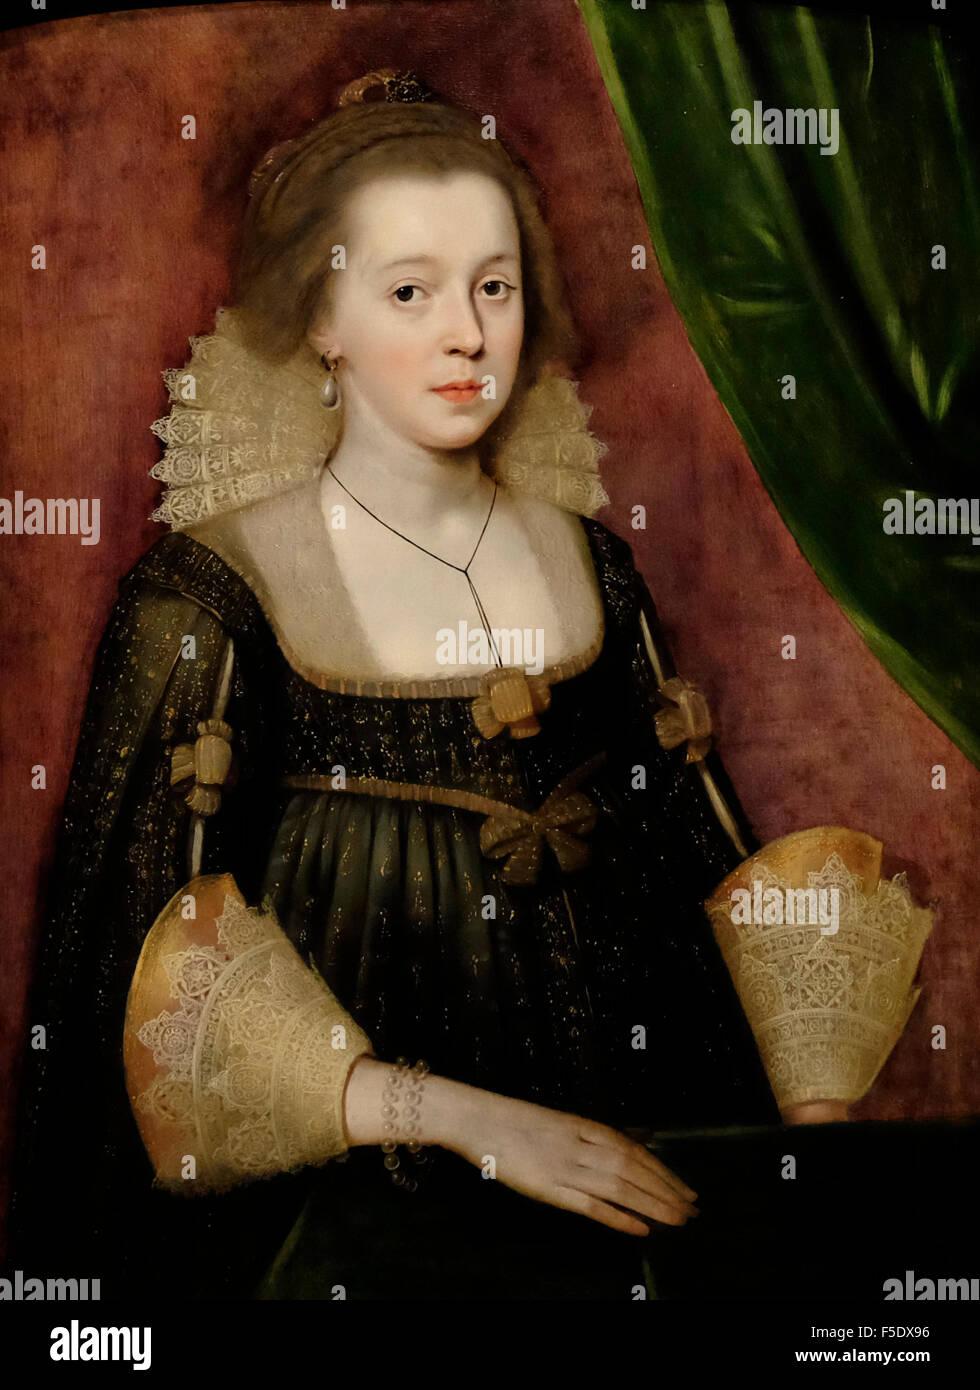 Porträt einer jungen Dame - Paul van Somer über 1620 Stockbild